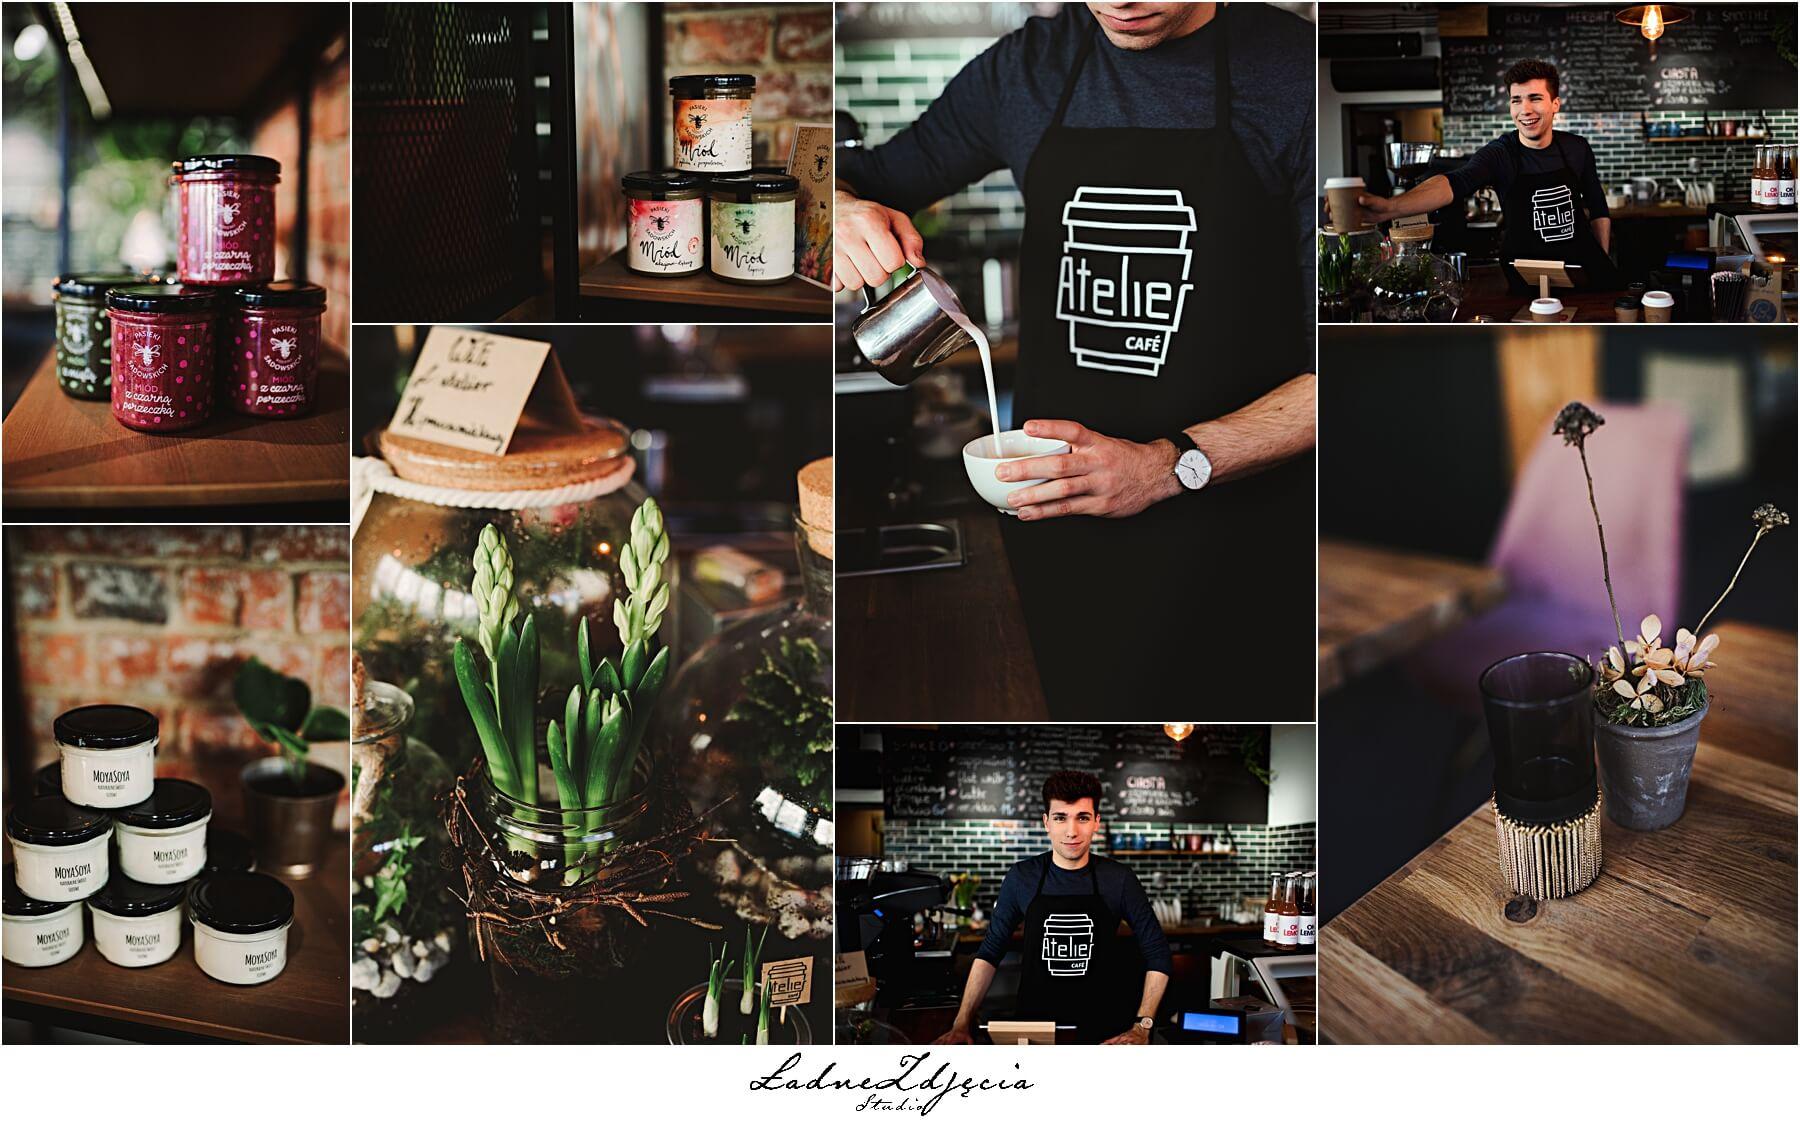 Atelier Cafe sesja wizerunkowa